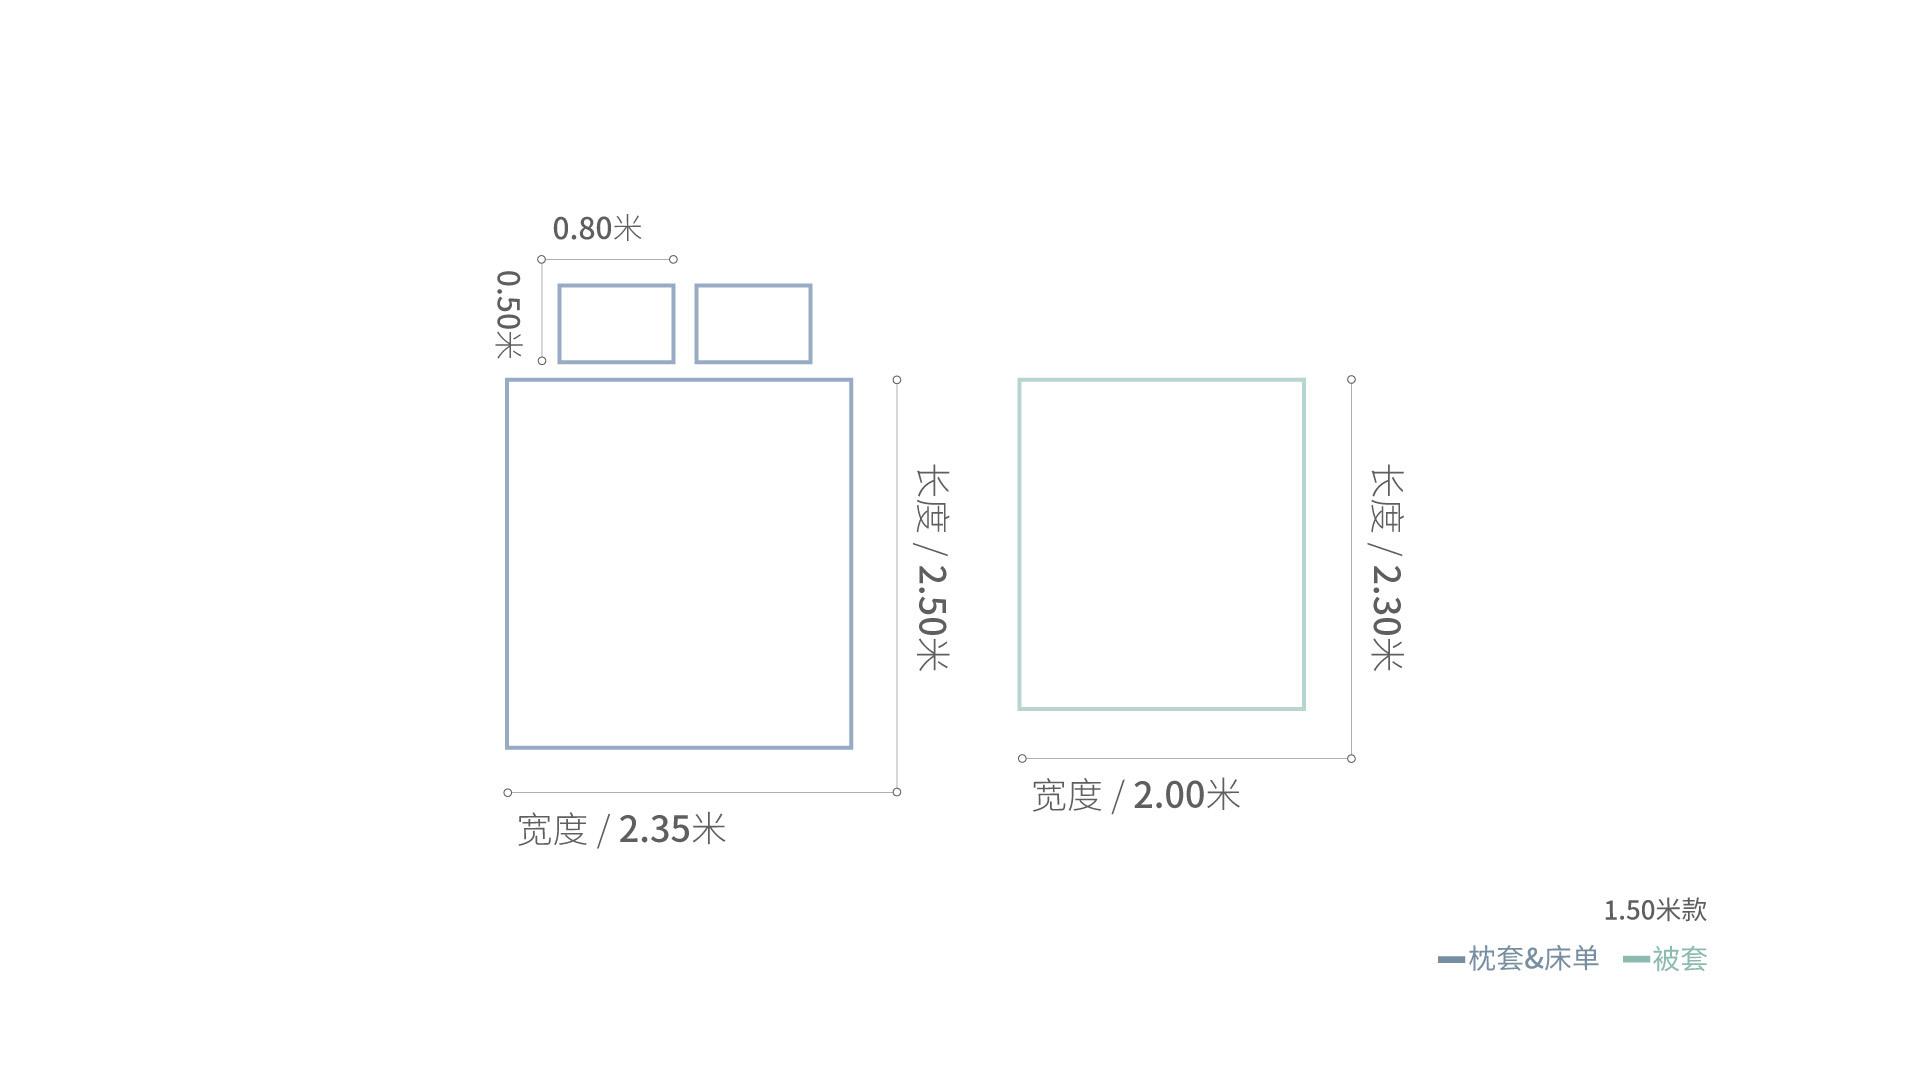 山茶A类婴儿级双层纱4件套床品1.5米床·床具效果图